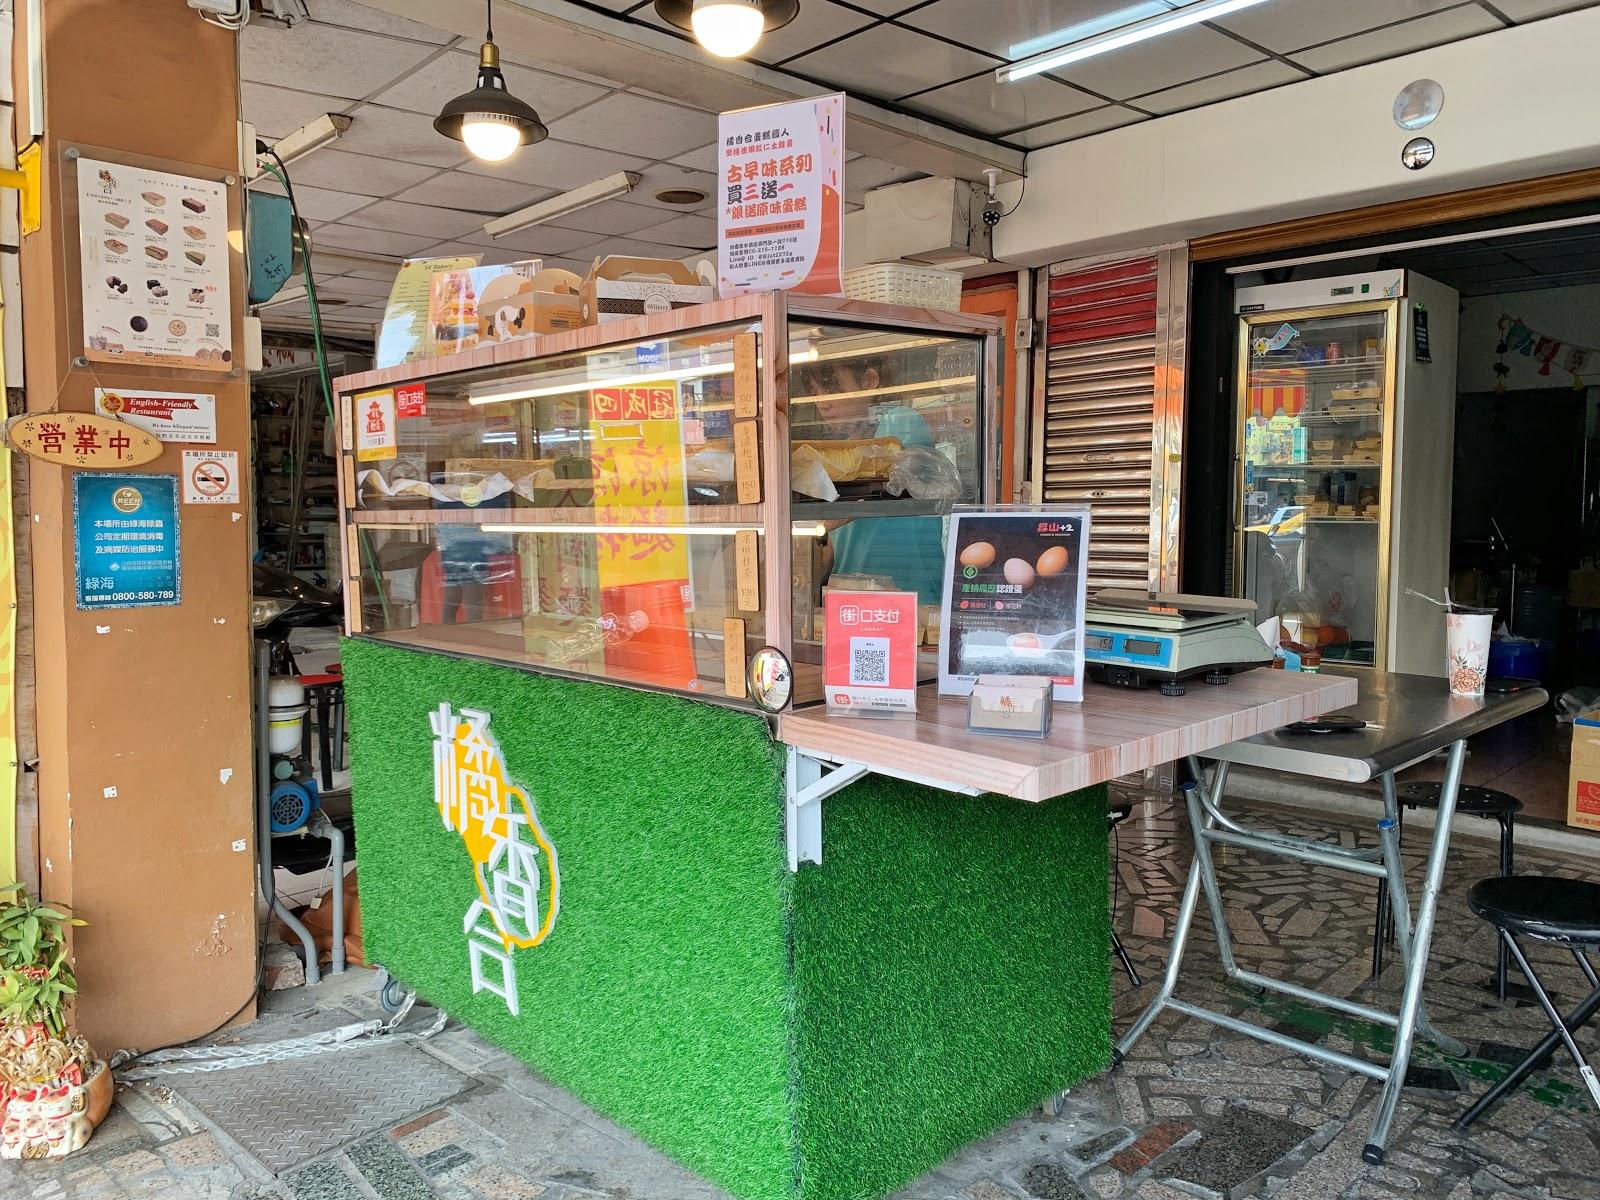 台南中西區美食【橘香合-蛋糕職人】店家環境